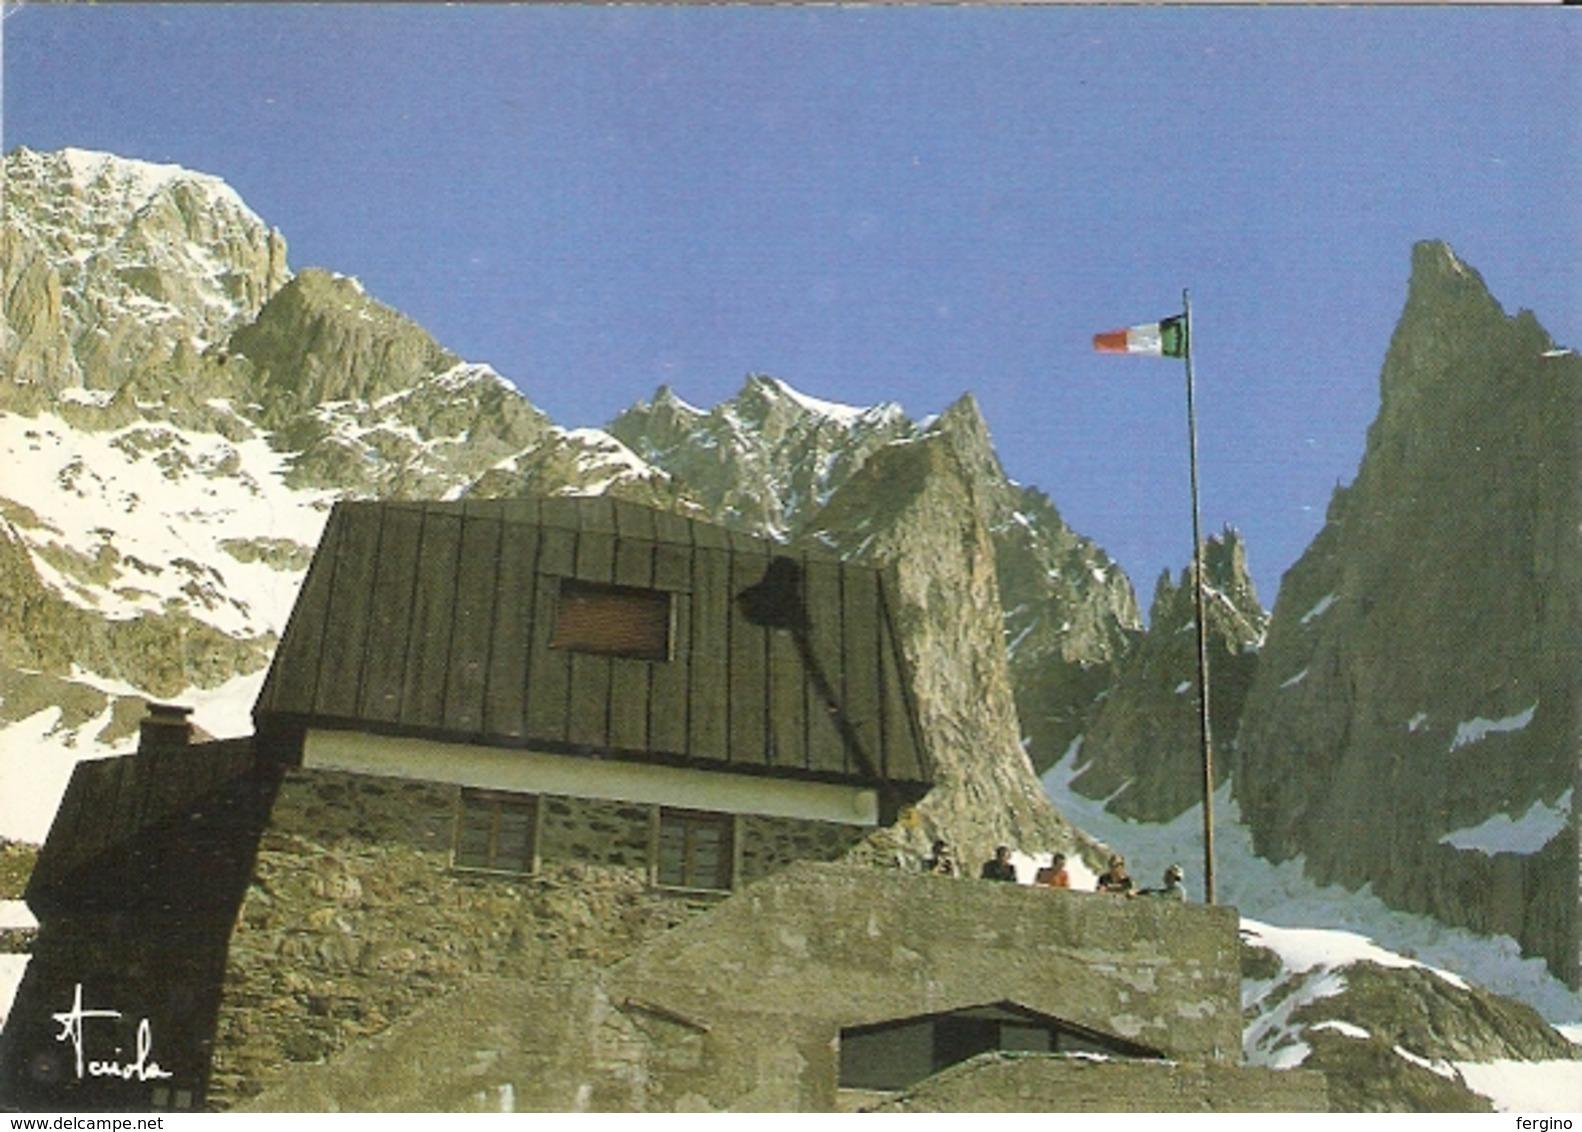 379/FG/19 - ALPINISMO - CHATELET (COURMAYEUR): Rifugio Franco Monzino - Altre Città